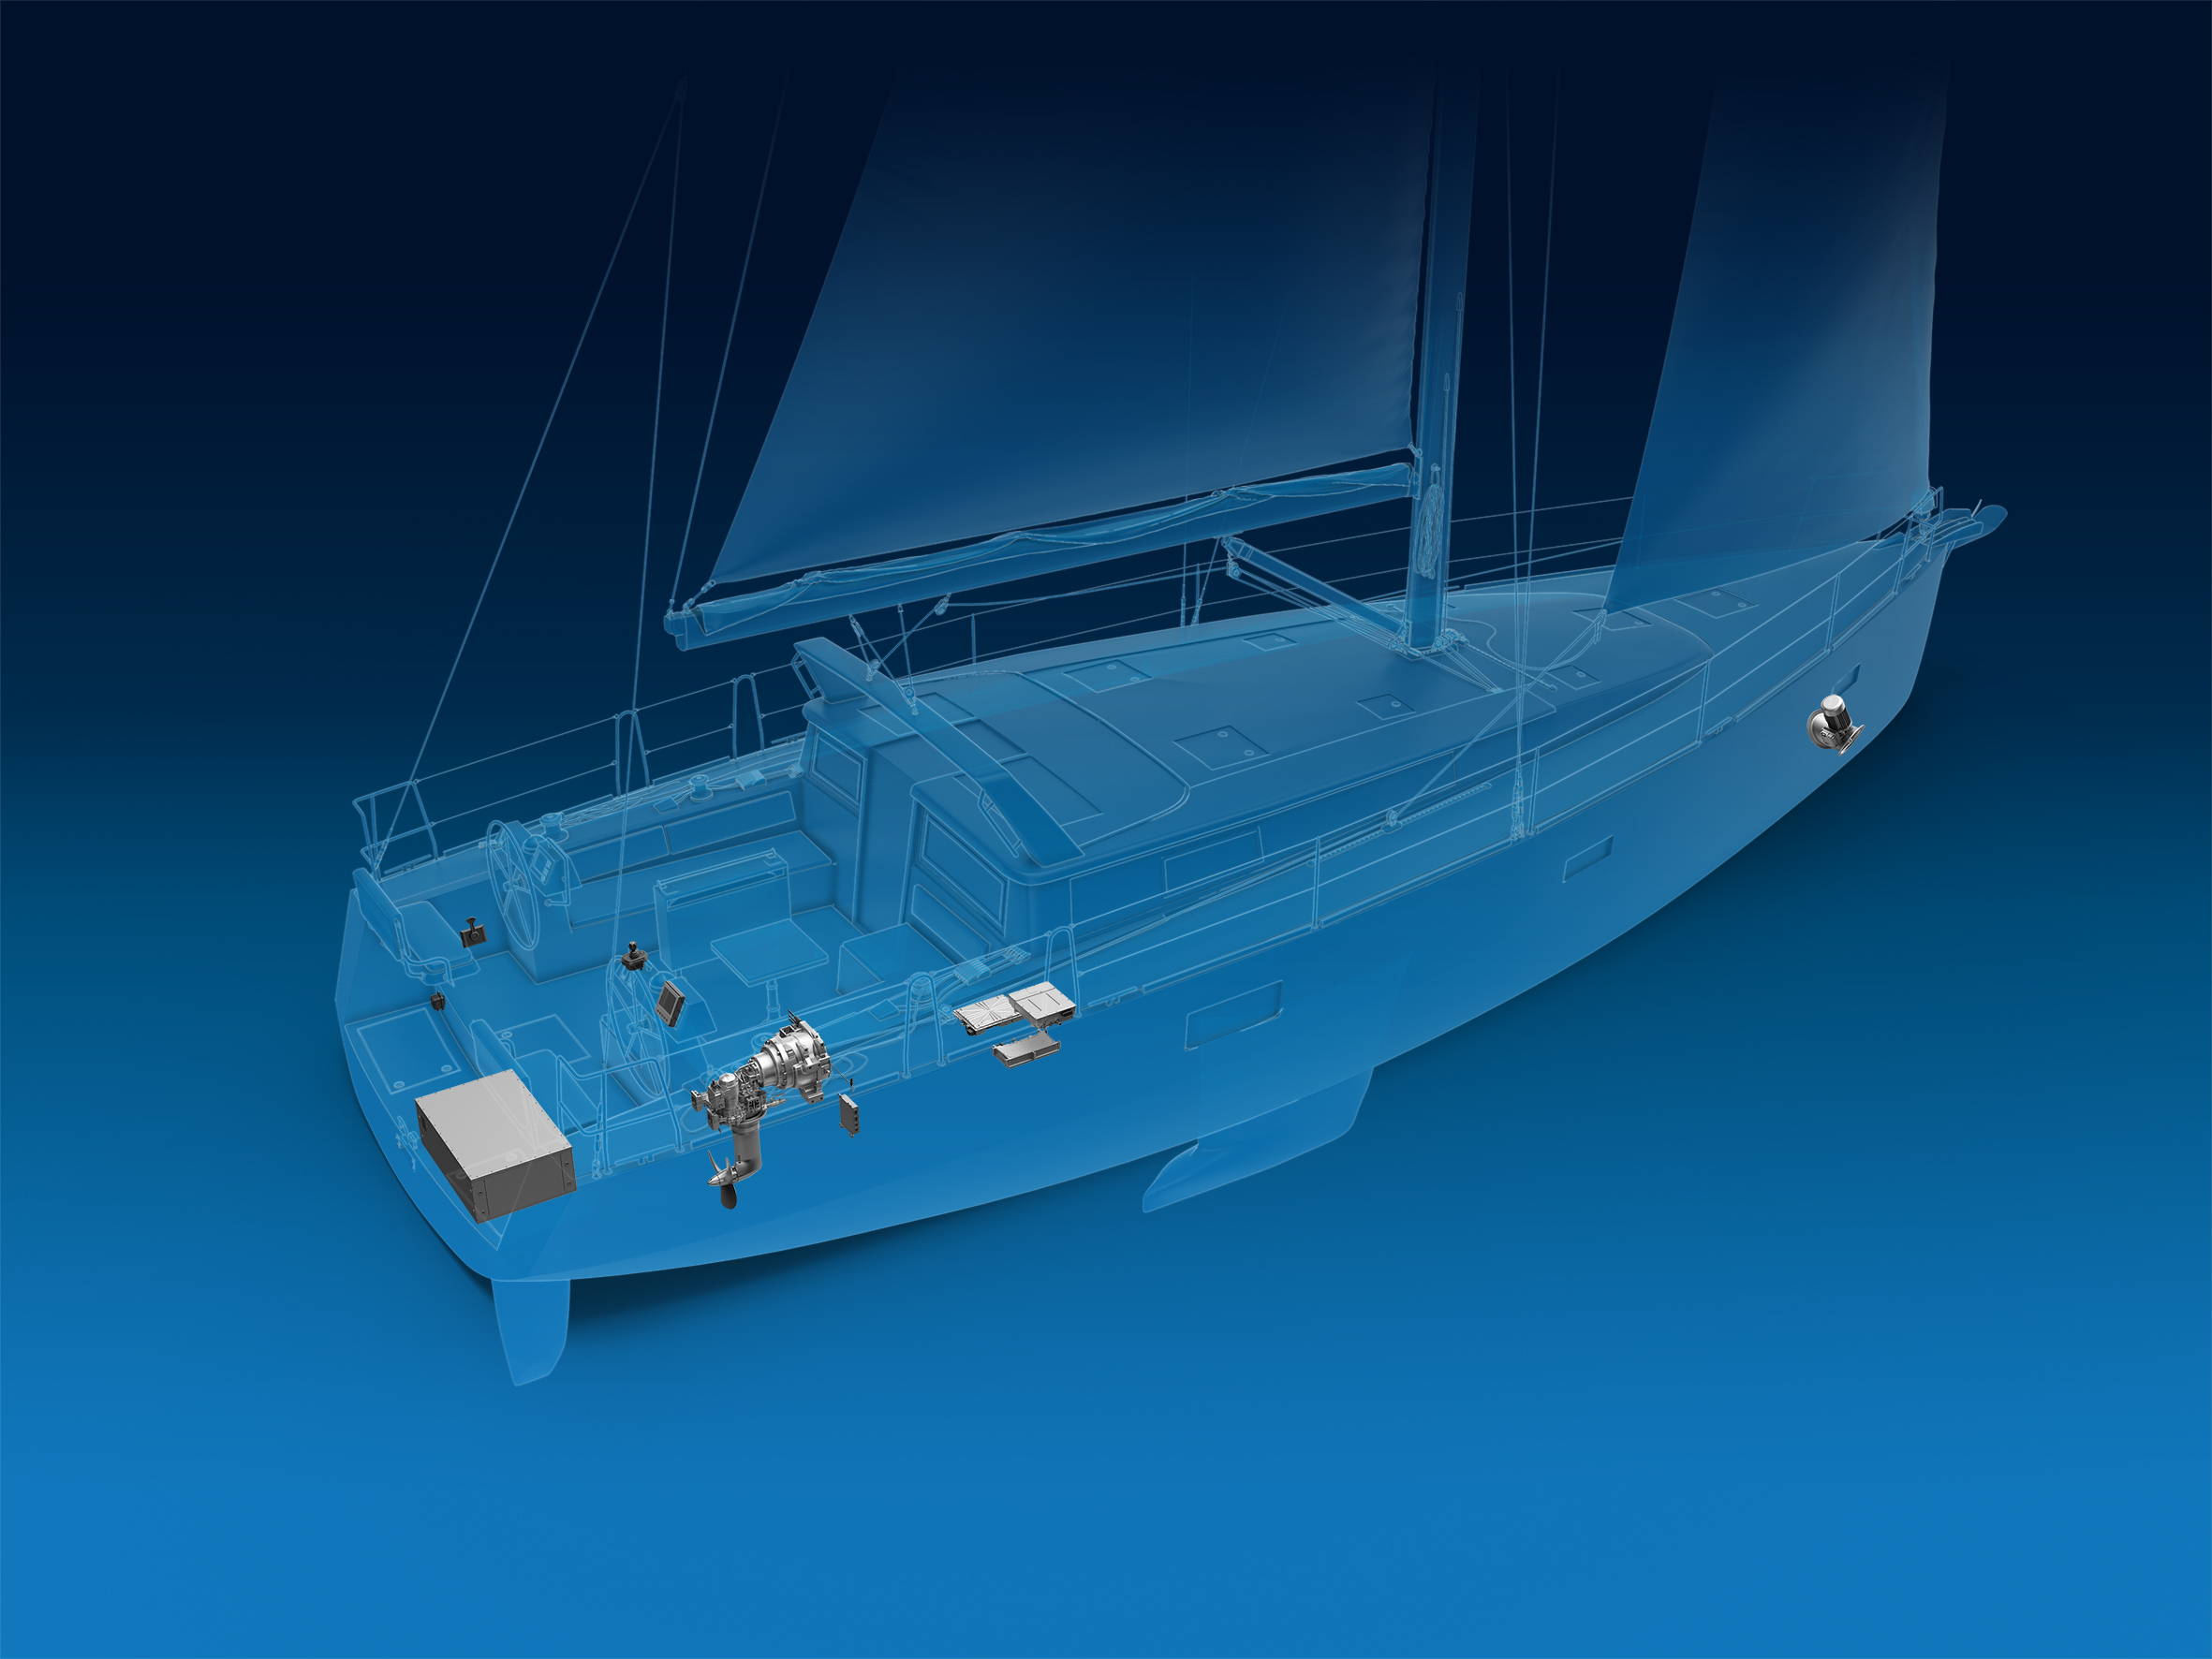 ZF desarrolla un sistema de propulsión totalmente eléctrico para veleros